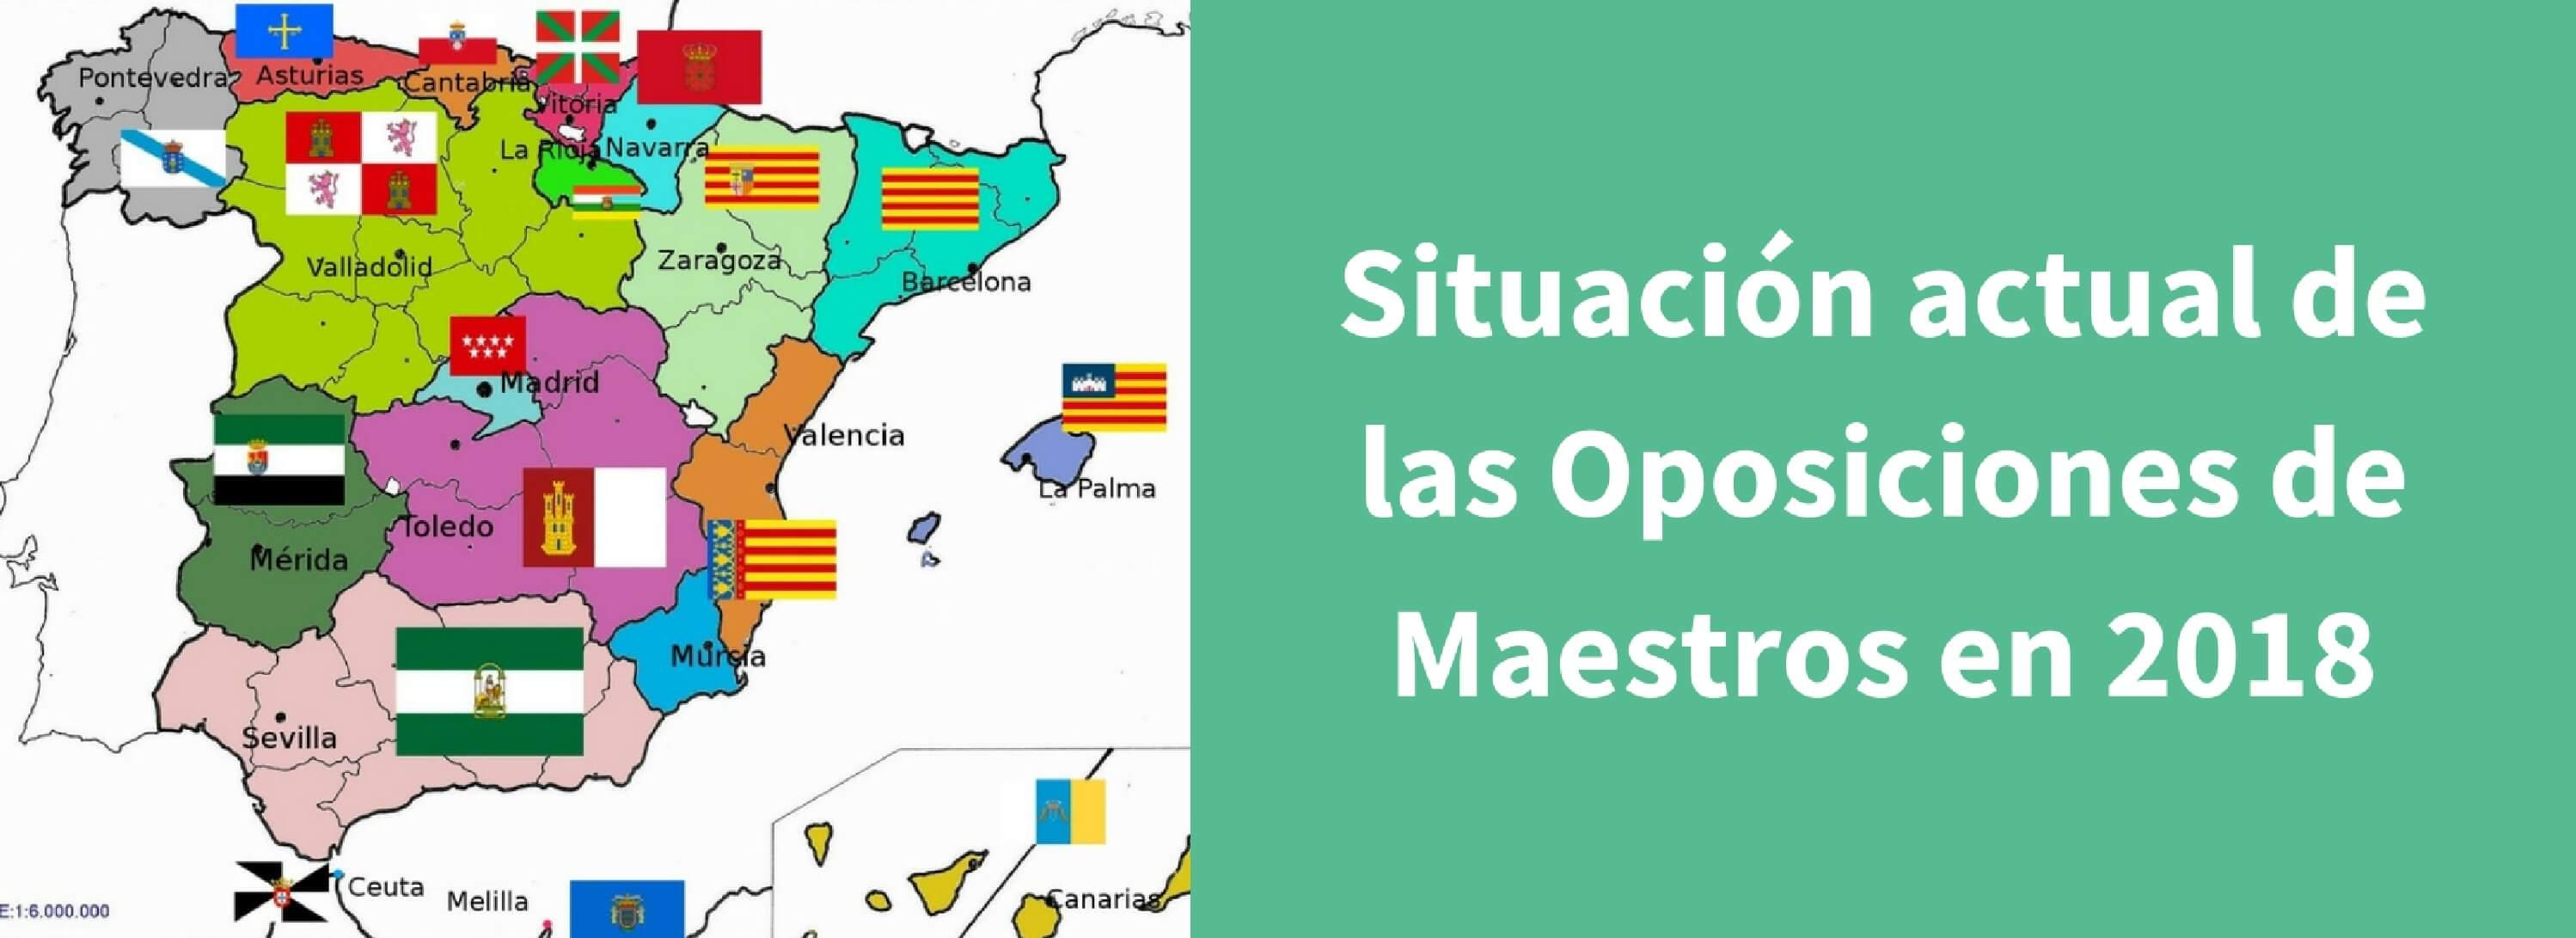 Oposiciones de Maestros en 2018